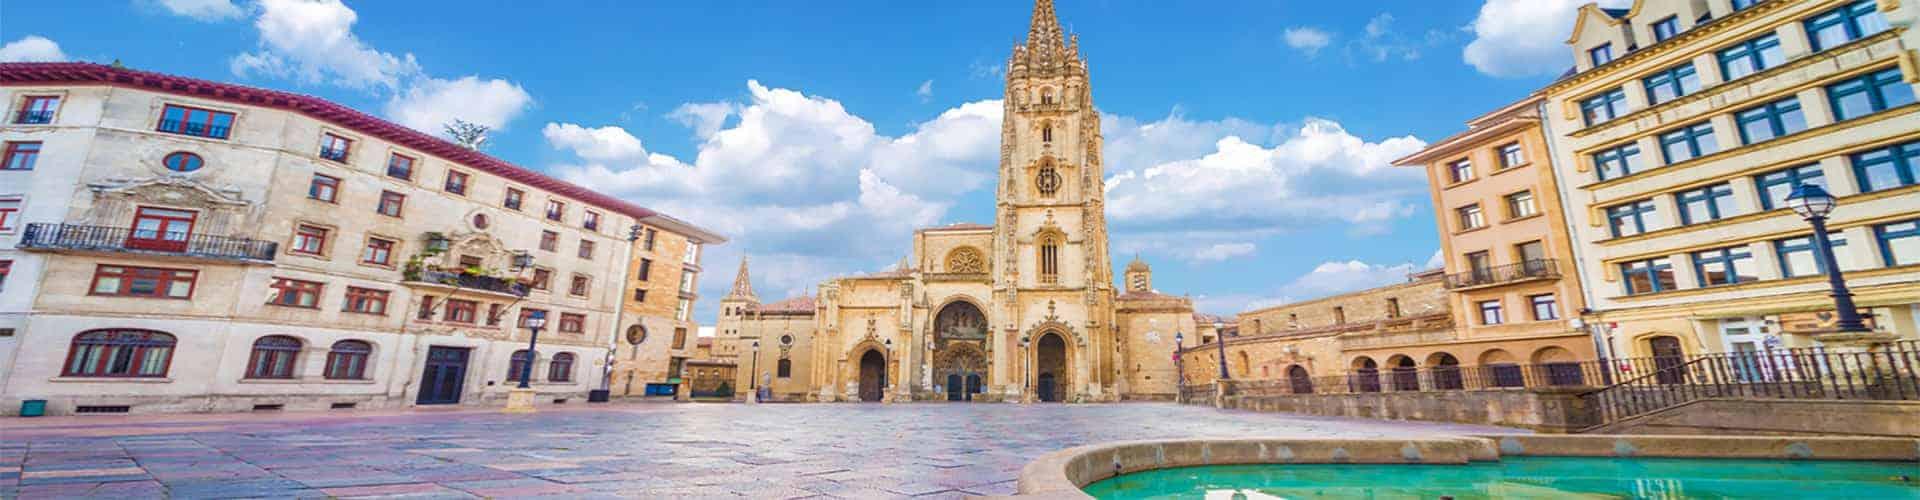 Free Tour Oviedo - Turismo de España